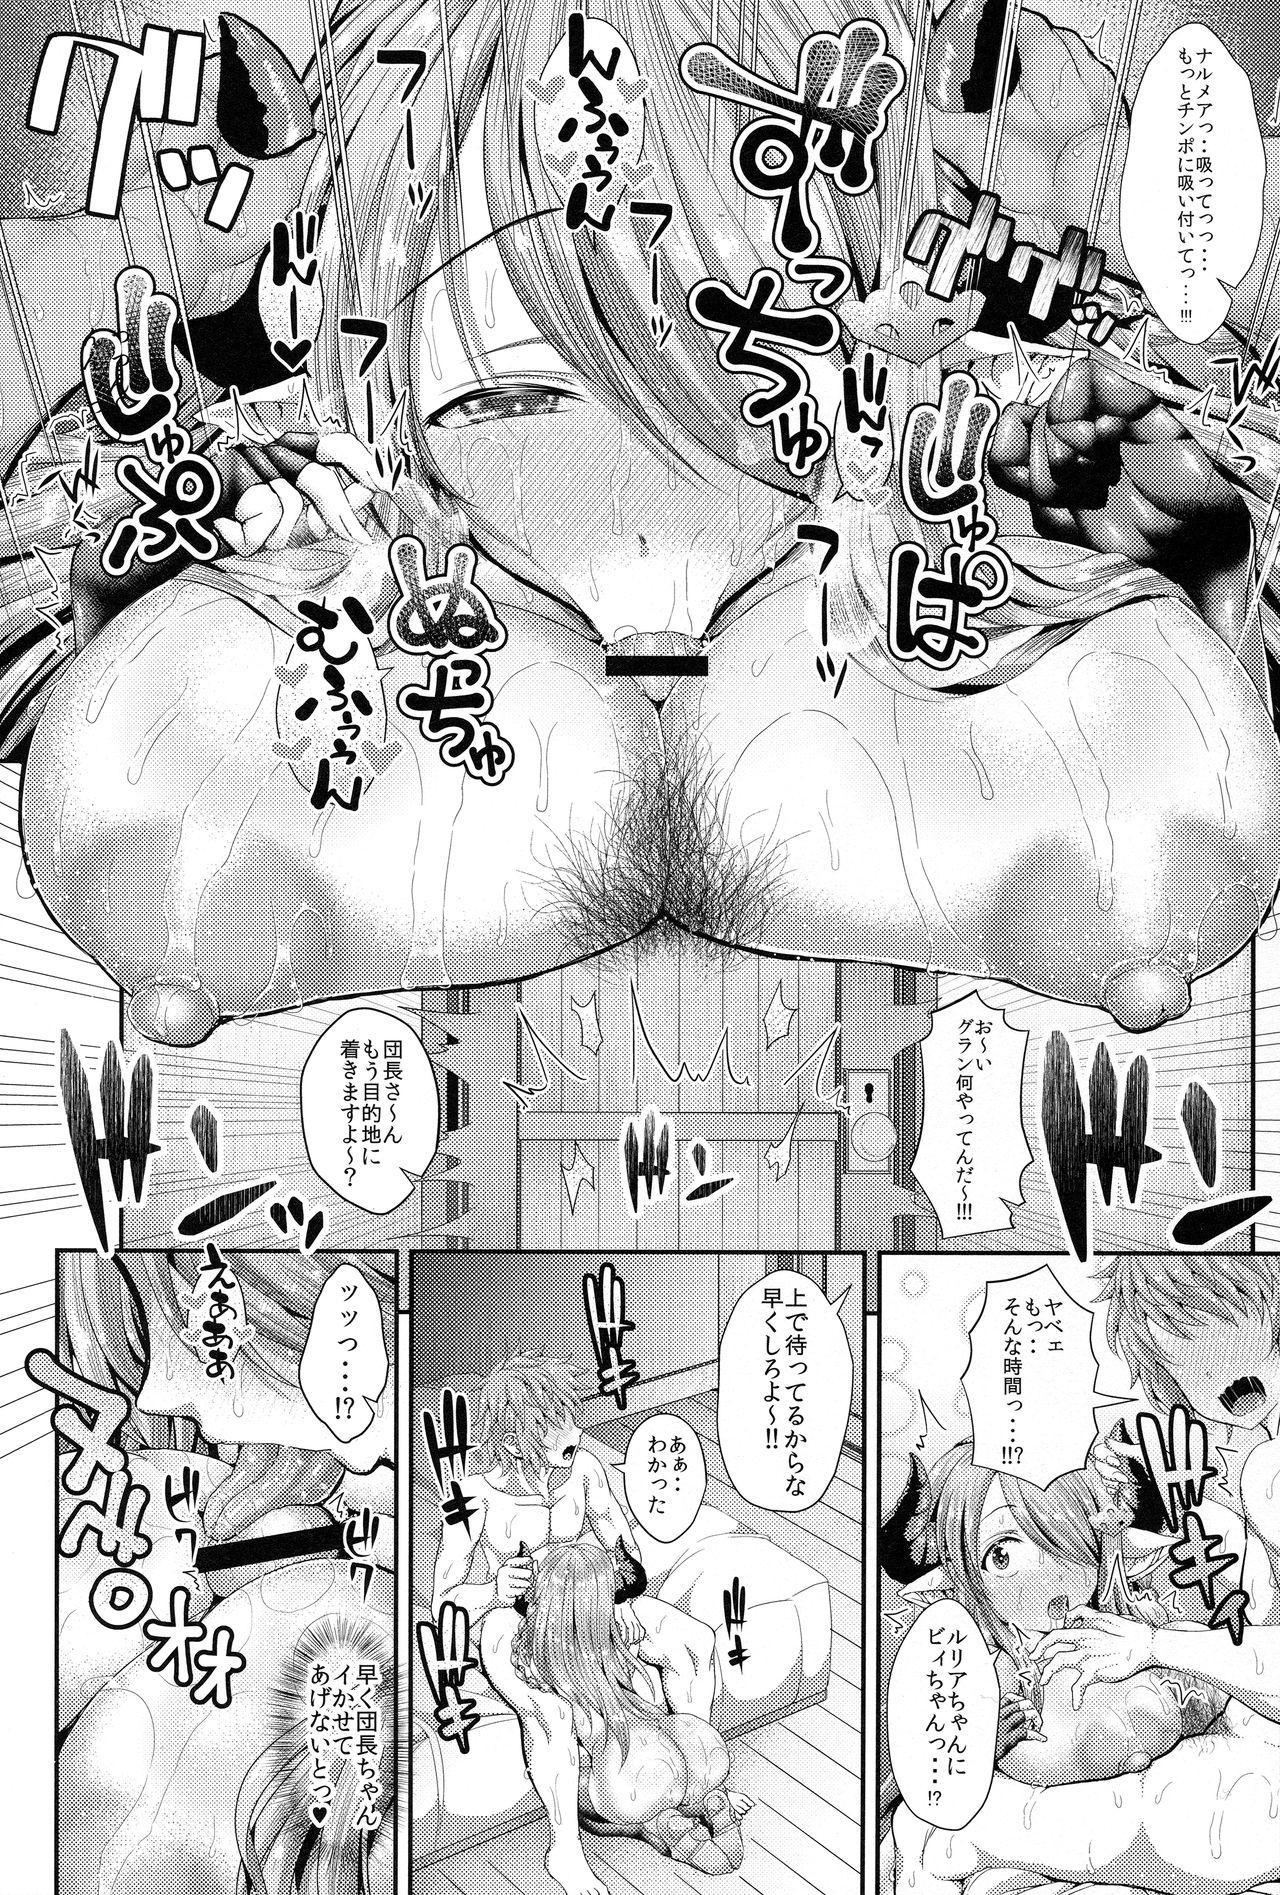 Daijoubu? Onee-san ga Nuitageyokka? 12